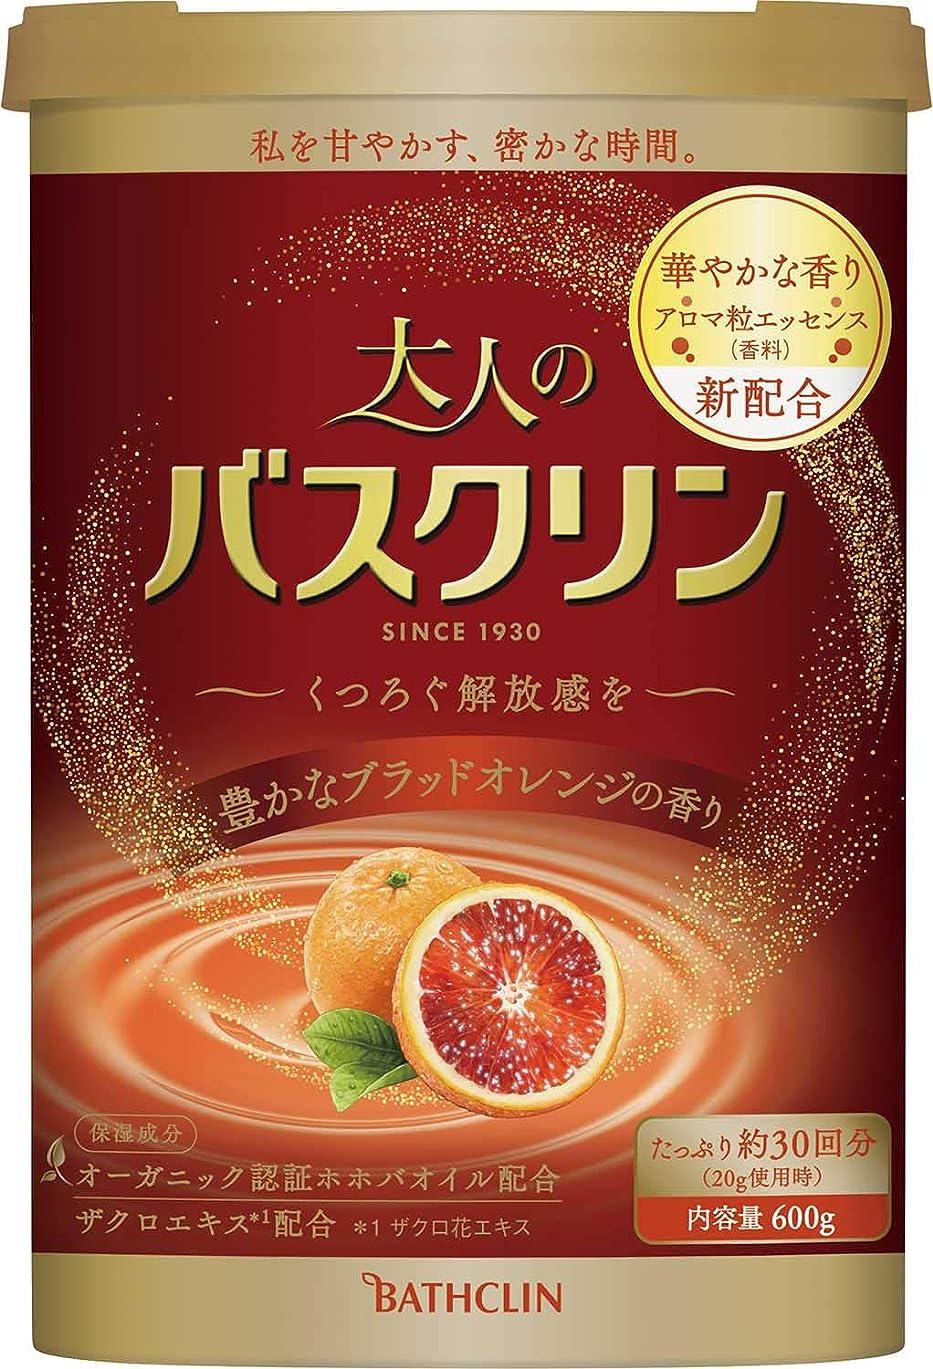 加速度量でドレイン大人のバスクリン入浴剤 豊かなブラッドオレンジの香り600g(約30回分) リラックス にごりタイプ